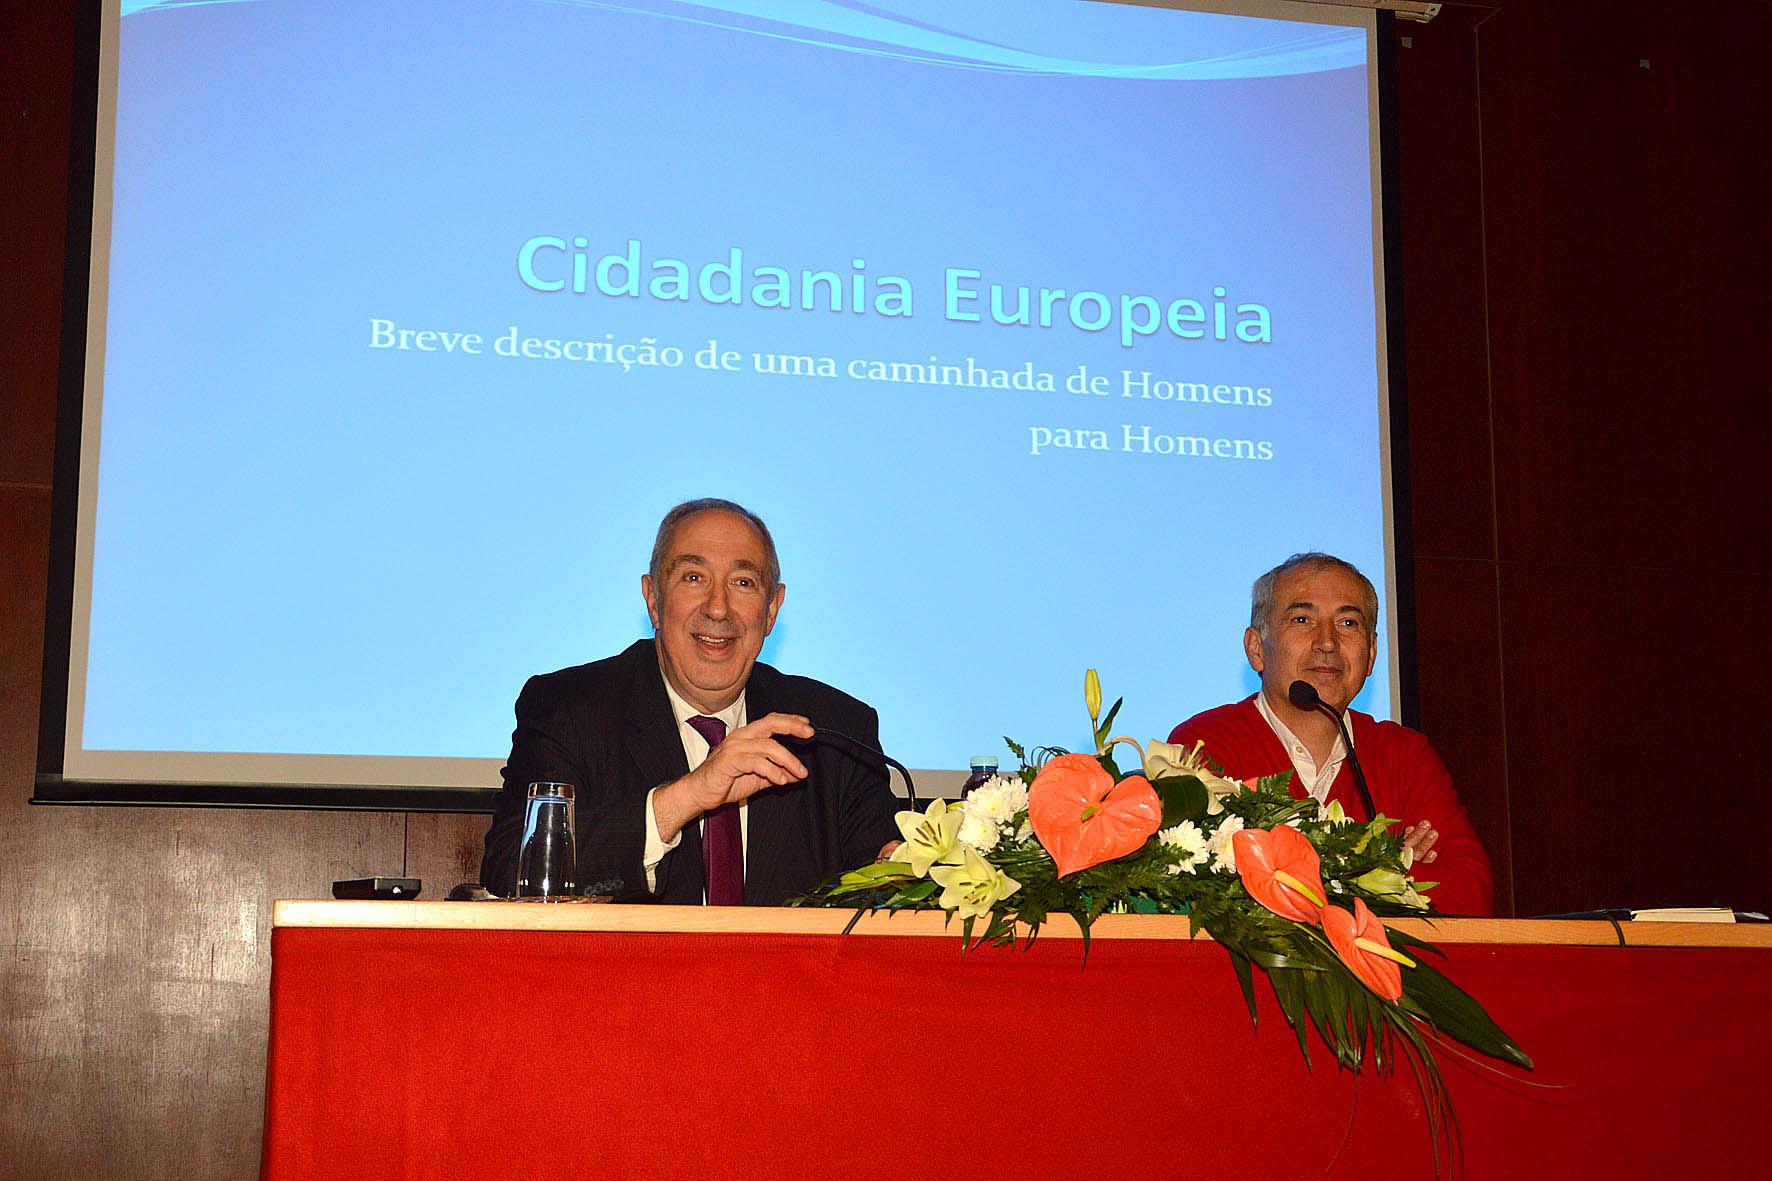 Jovens Açorianos devem exercer ativamente a cidadania europeia, afirma Rui Bettencourt